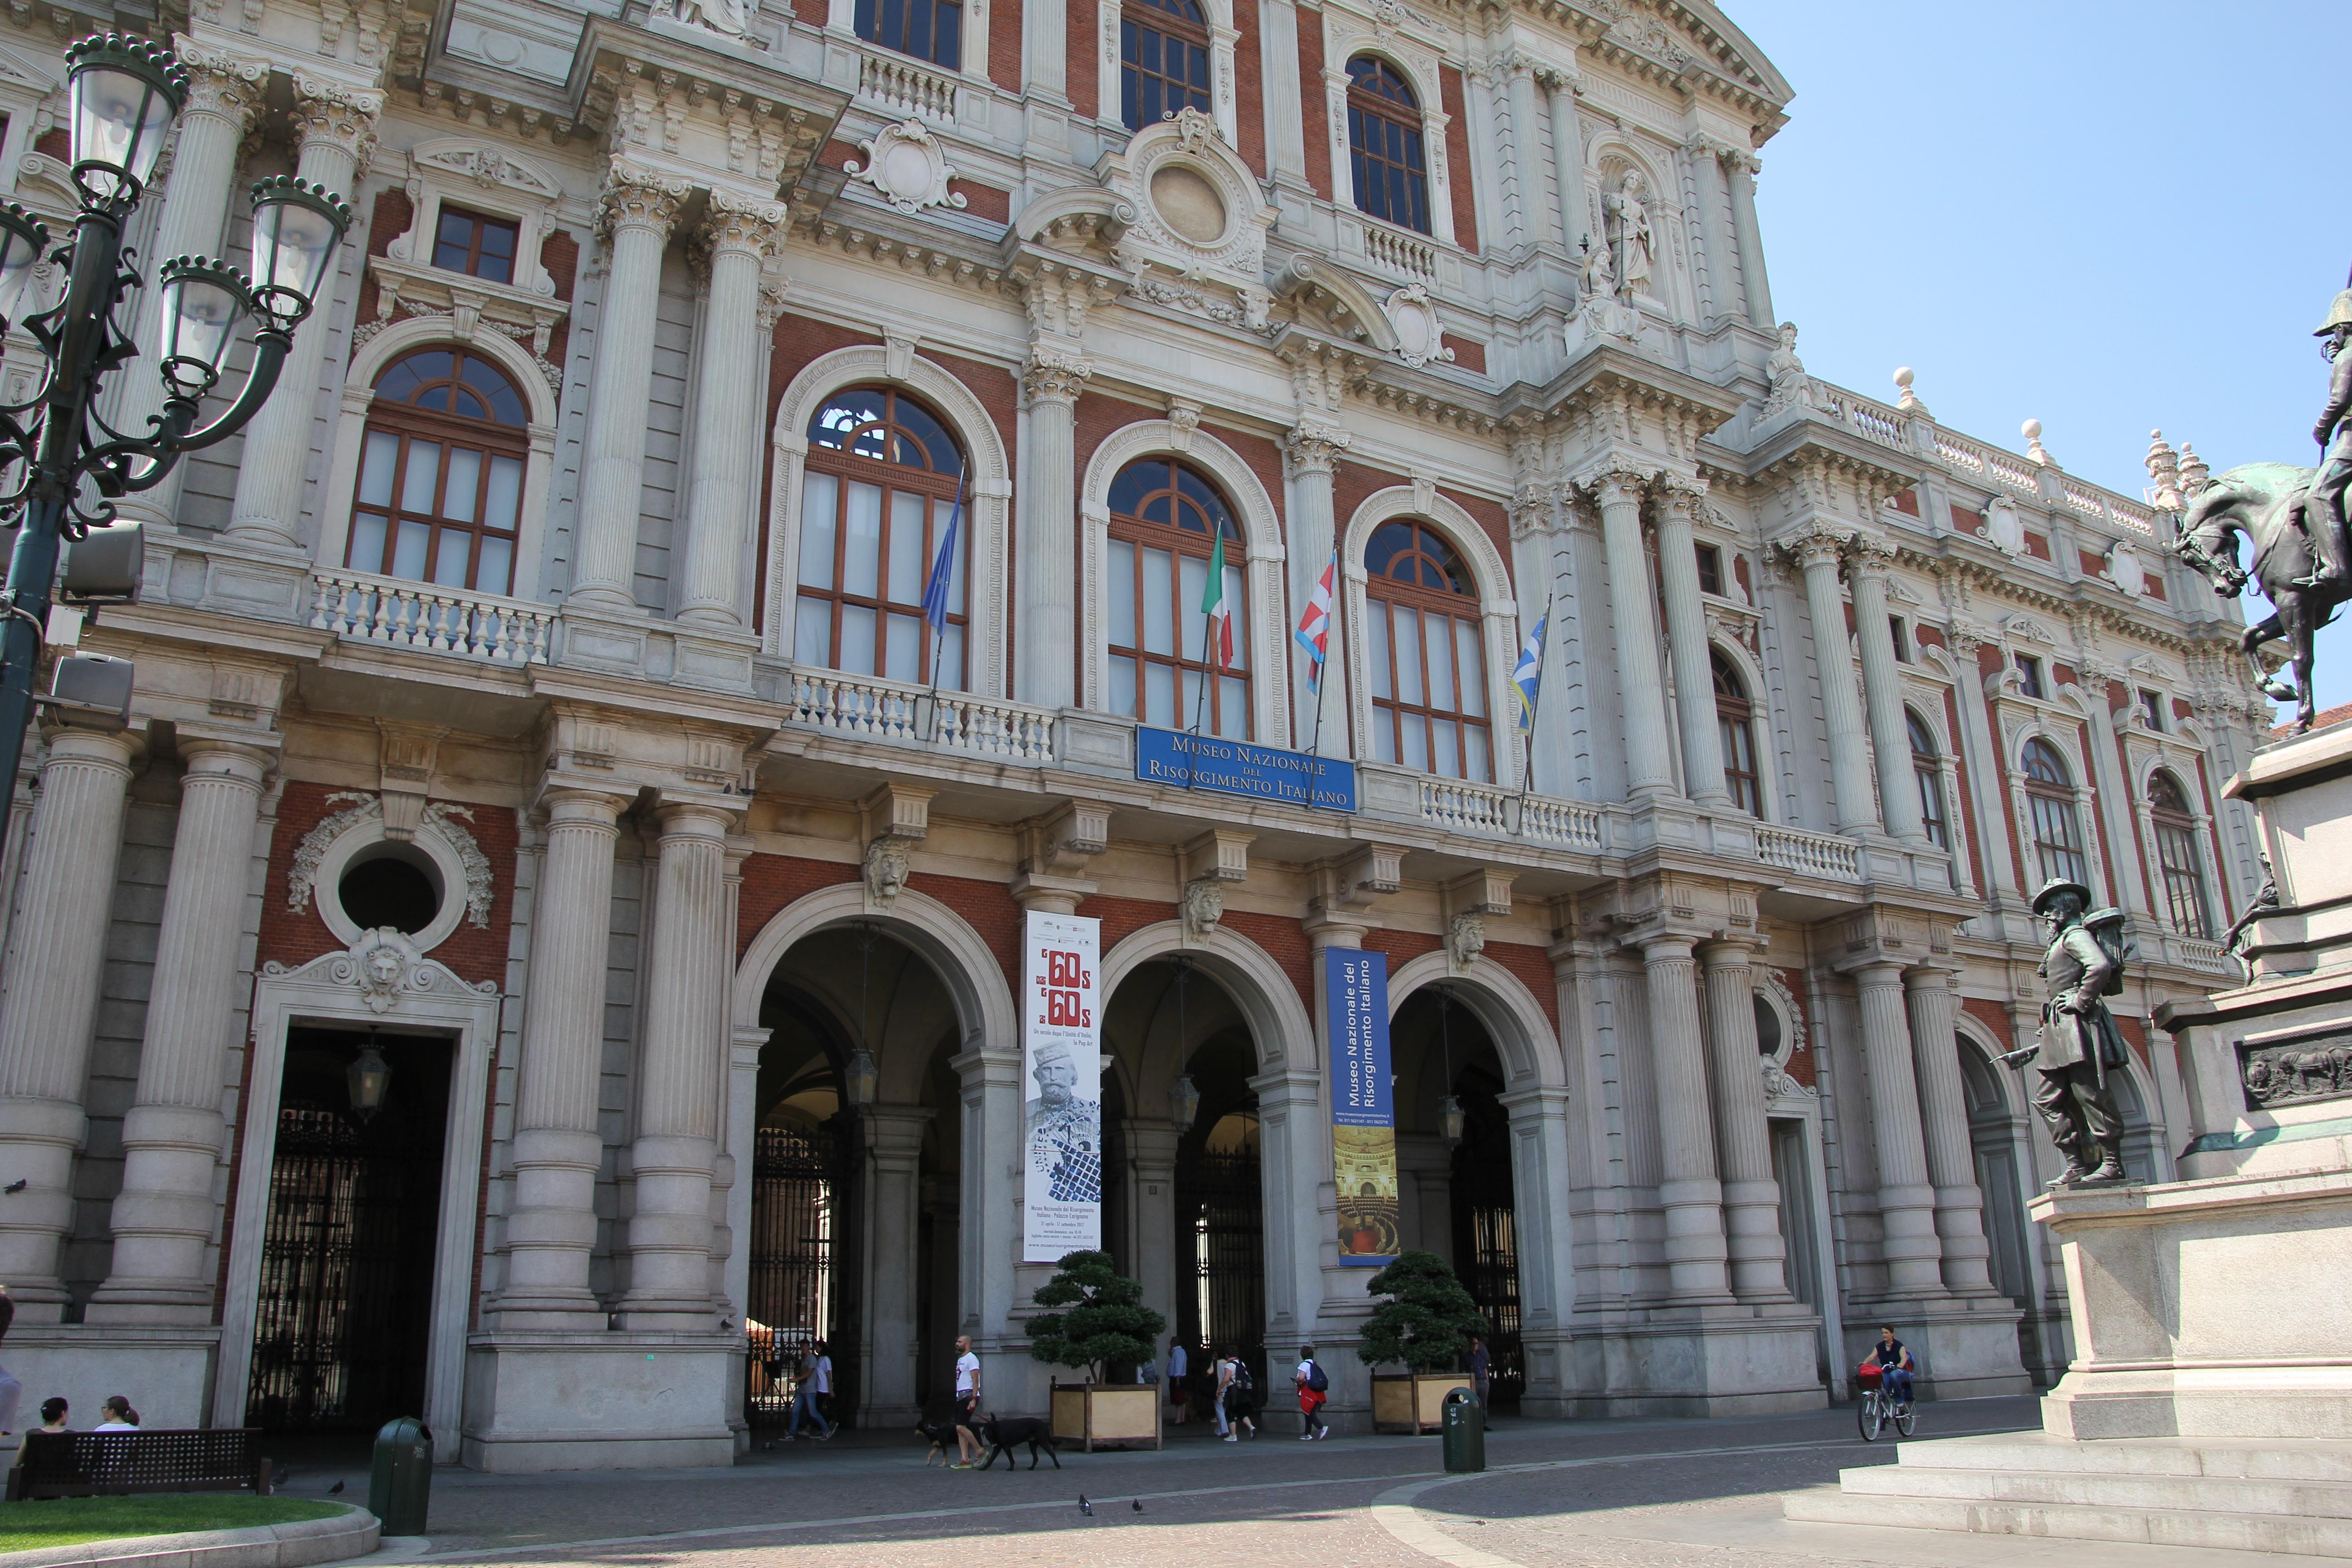 Museo Nazionale Del Risorgimento Italiano.File Torino Museo Del Risorgimento Italiano 03 Jpg Wikimedia